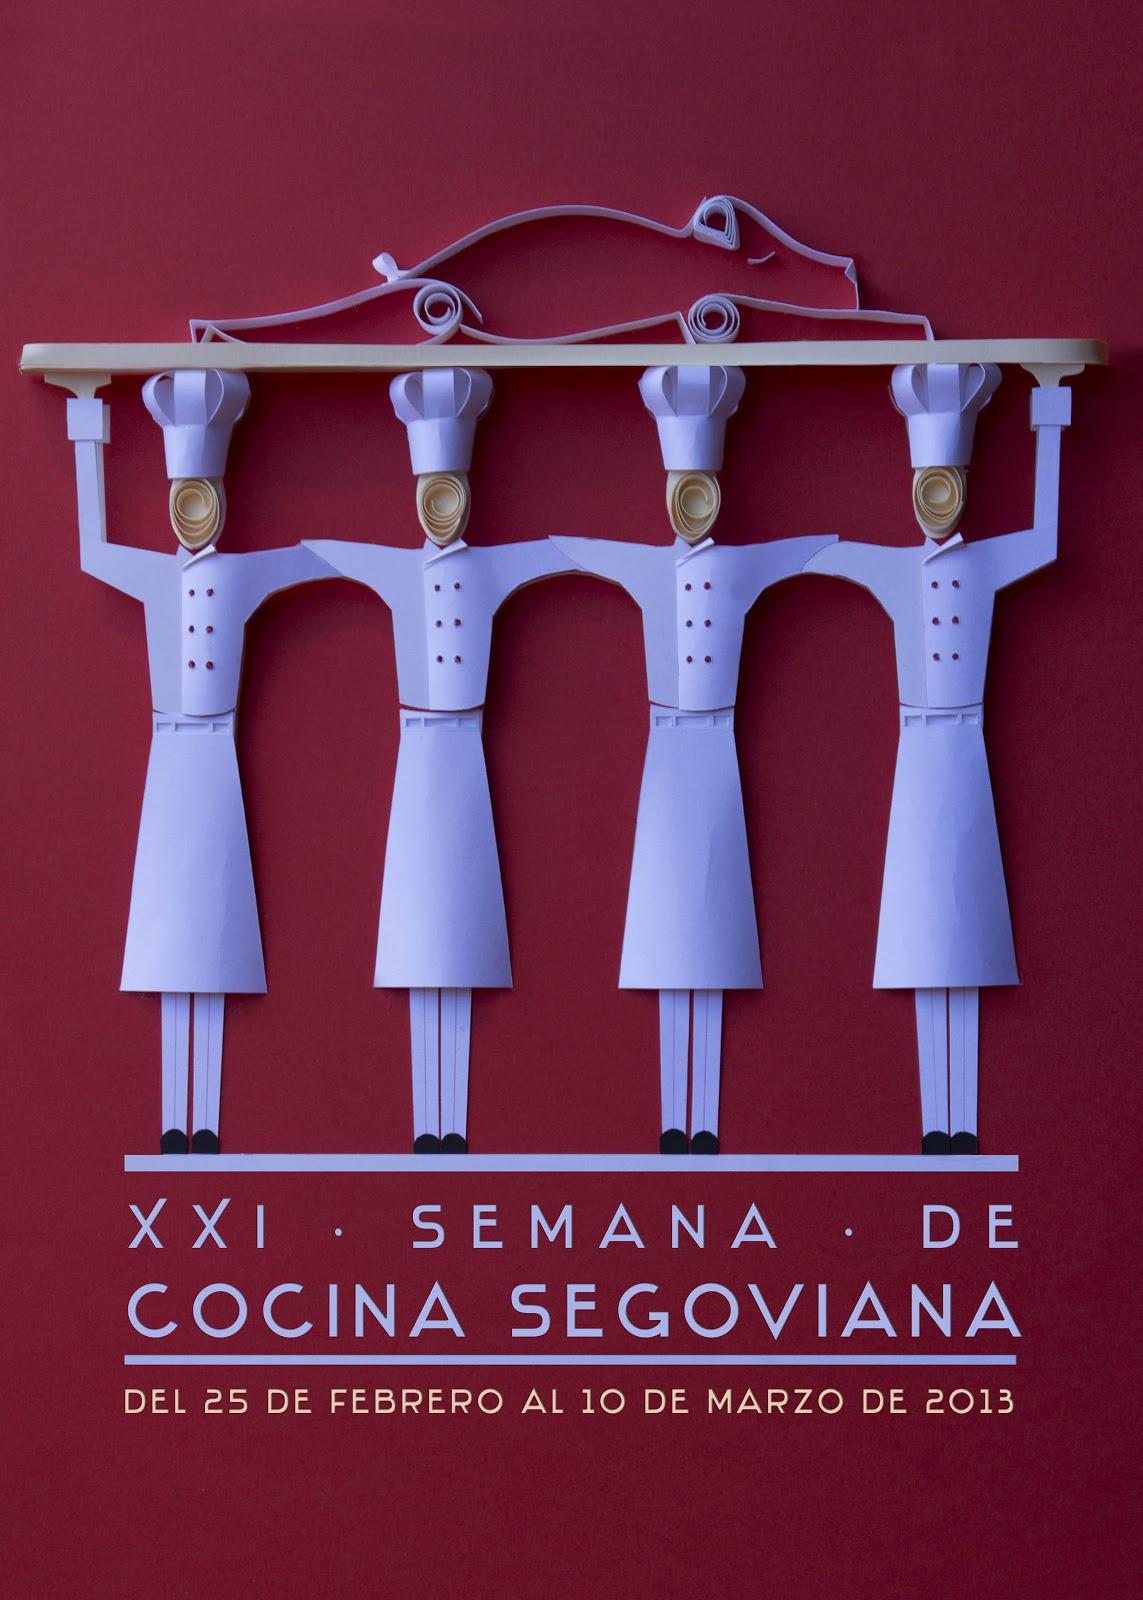 Club del sommelier xxi semana de la cocina segoviana del for Cocina 1 dia para toda la semana